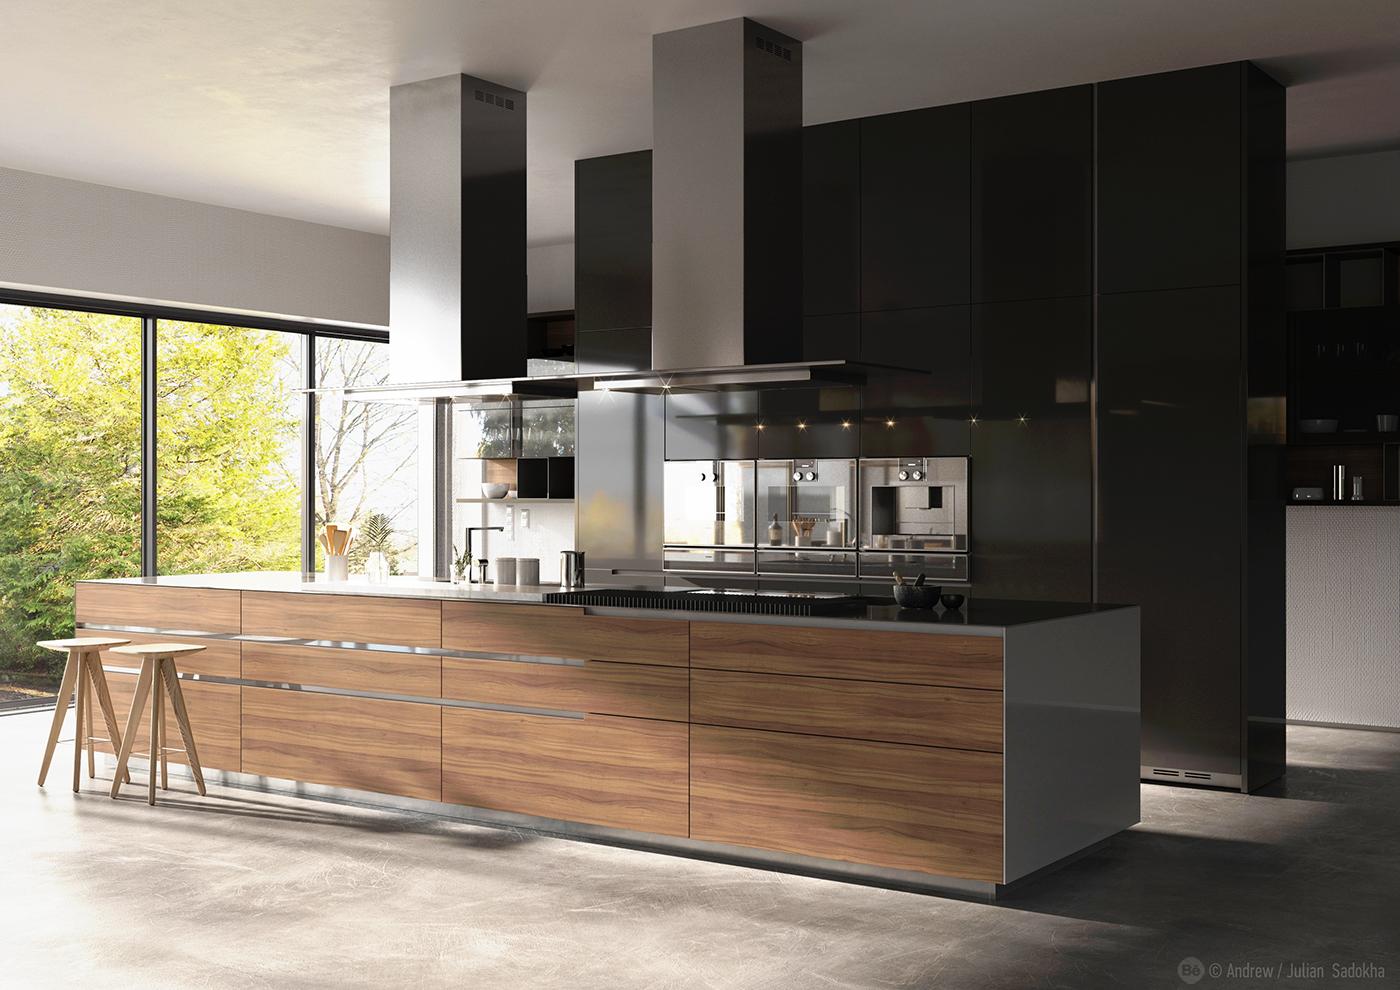 Poliform varenna kitchen on behance for Varenna kitchen